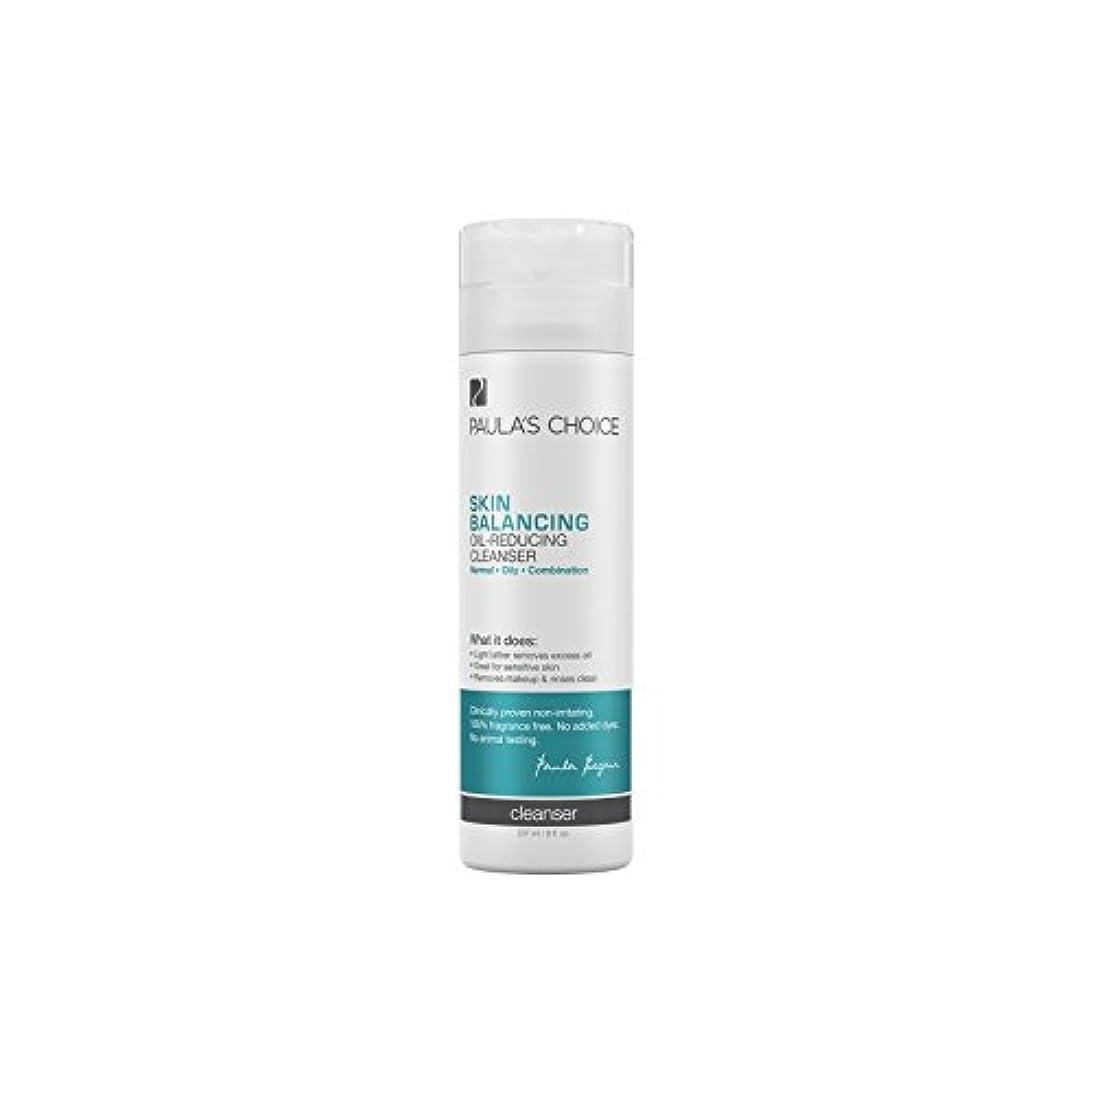 アクセスブレーク代表ポーラチョイスの肌のバランスオイル低減クレンザー(237ミリリットル) x2 - Paula's Choice Skin Balancing Oil-Reducing Cleanser (237ml) (Pack of 2) [並行輸入品]